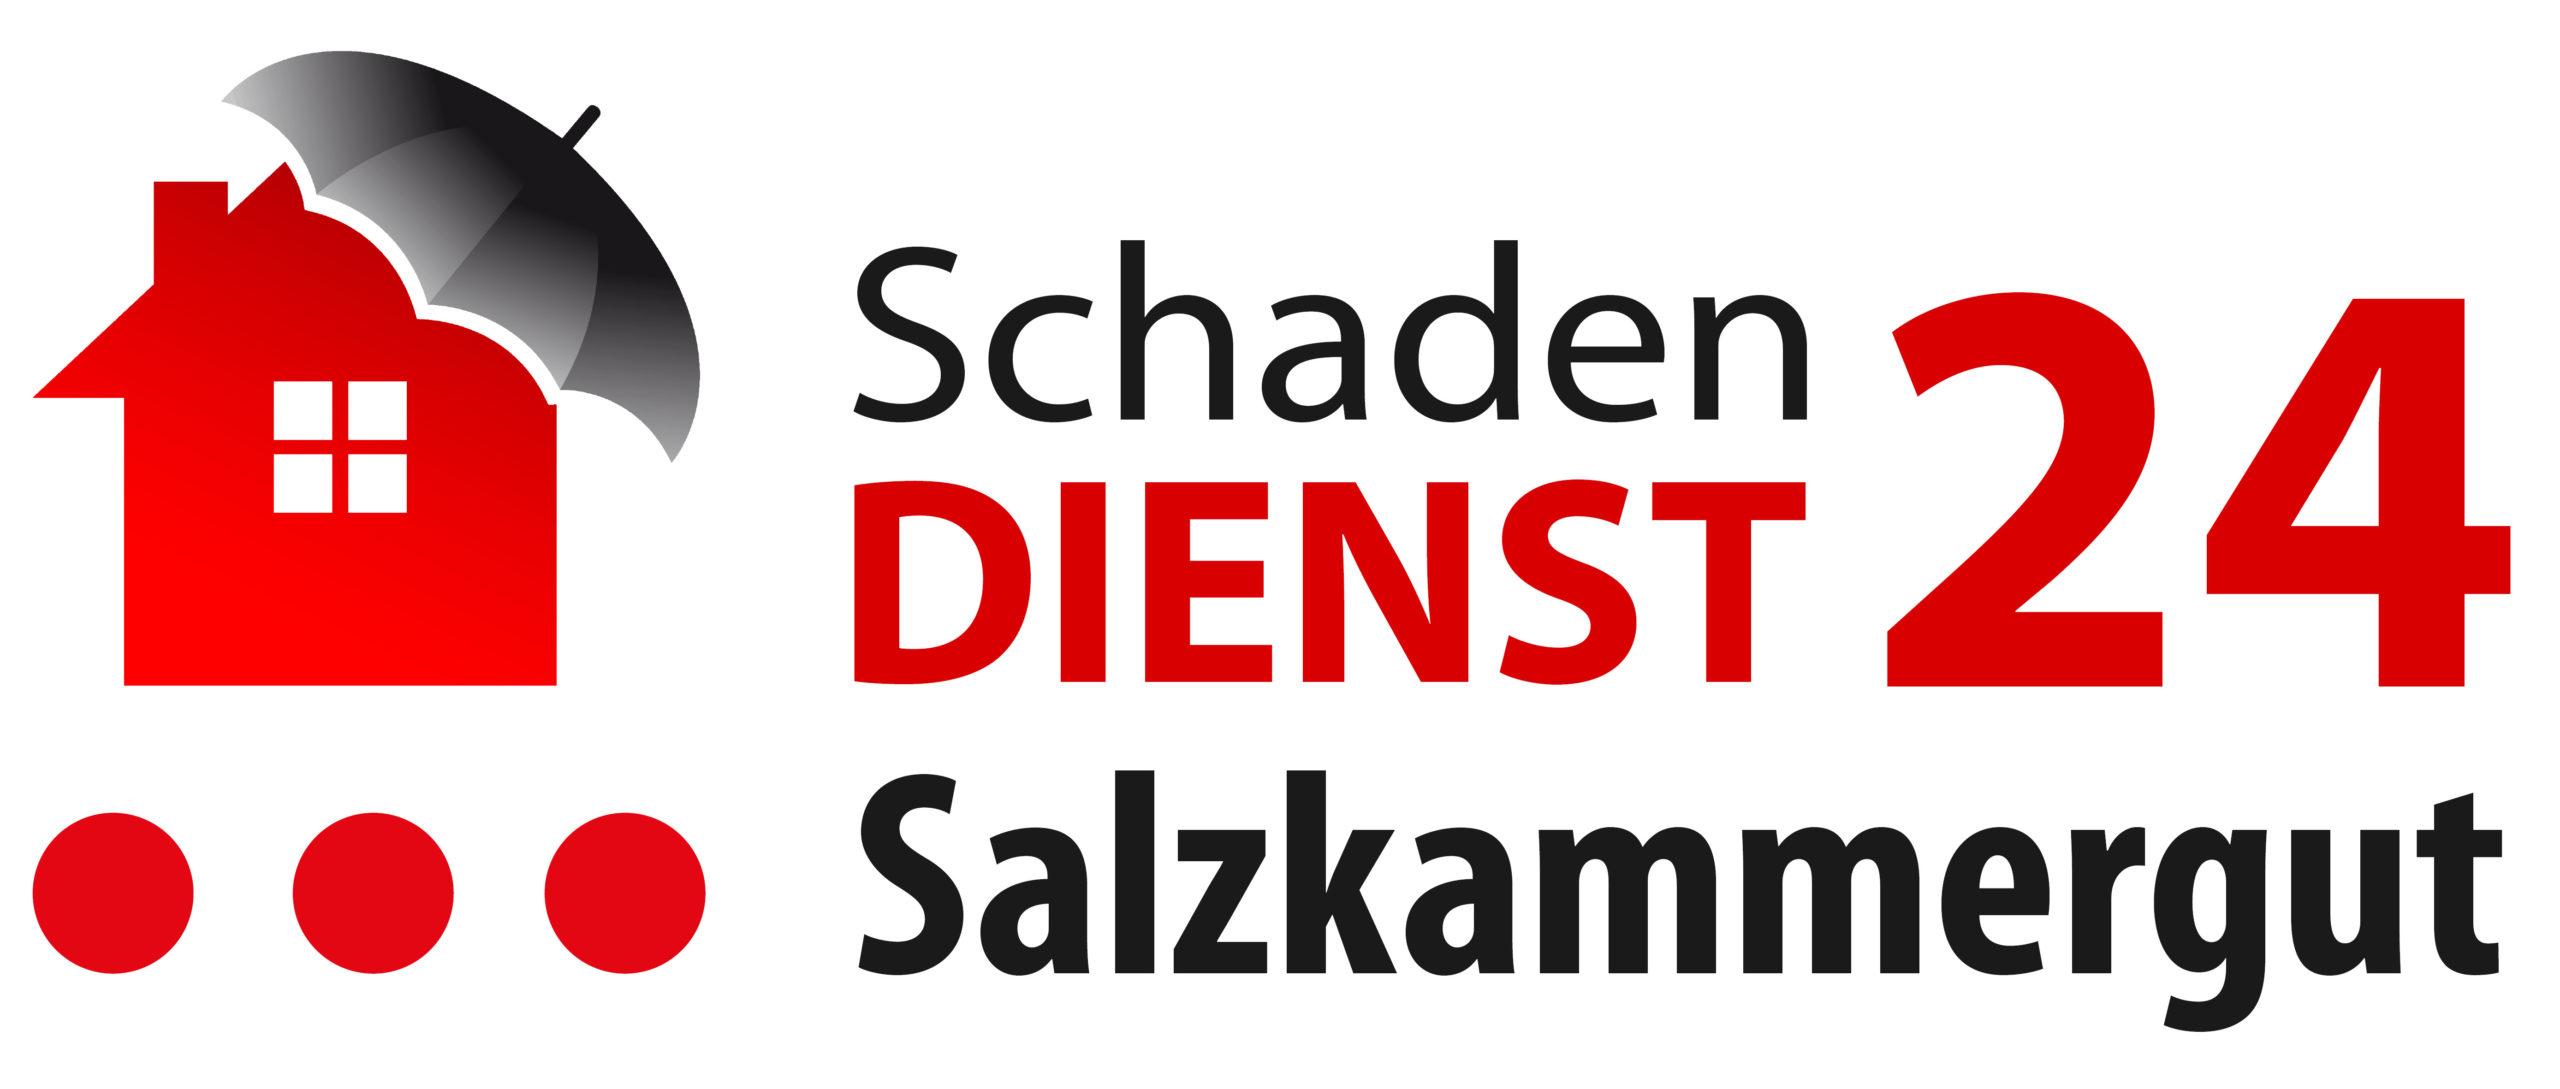 SchadenDienst24 Salzkammergut Logo